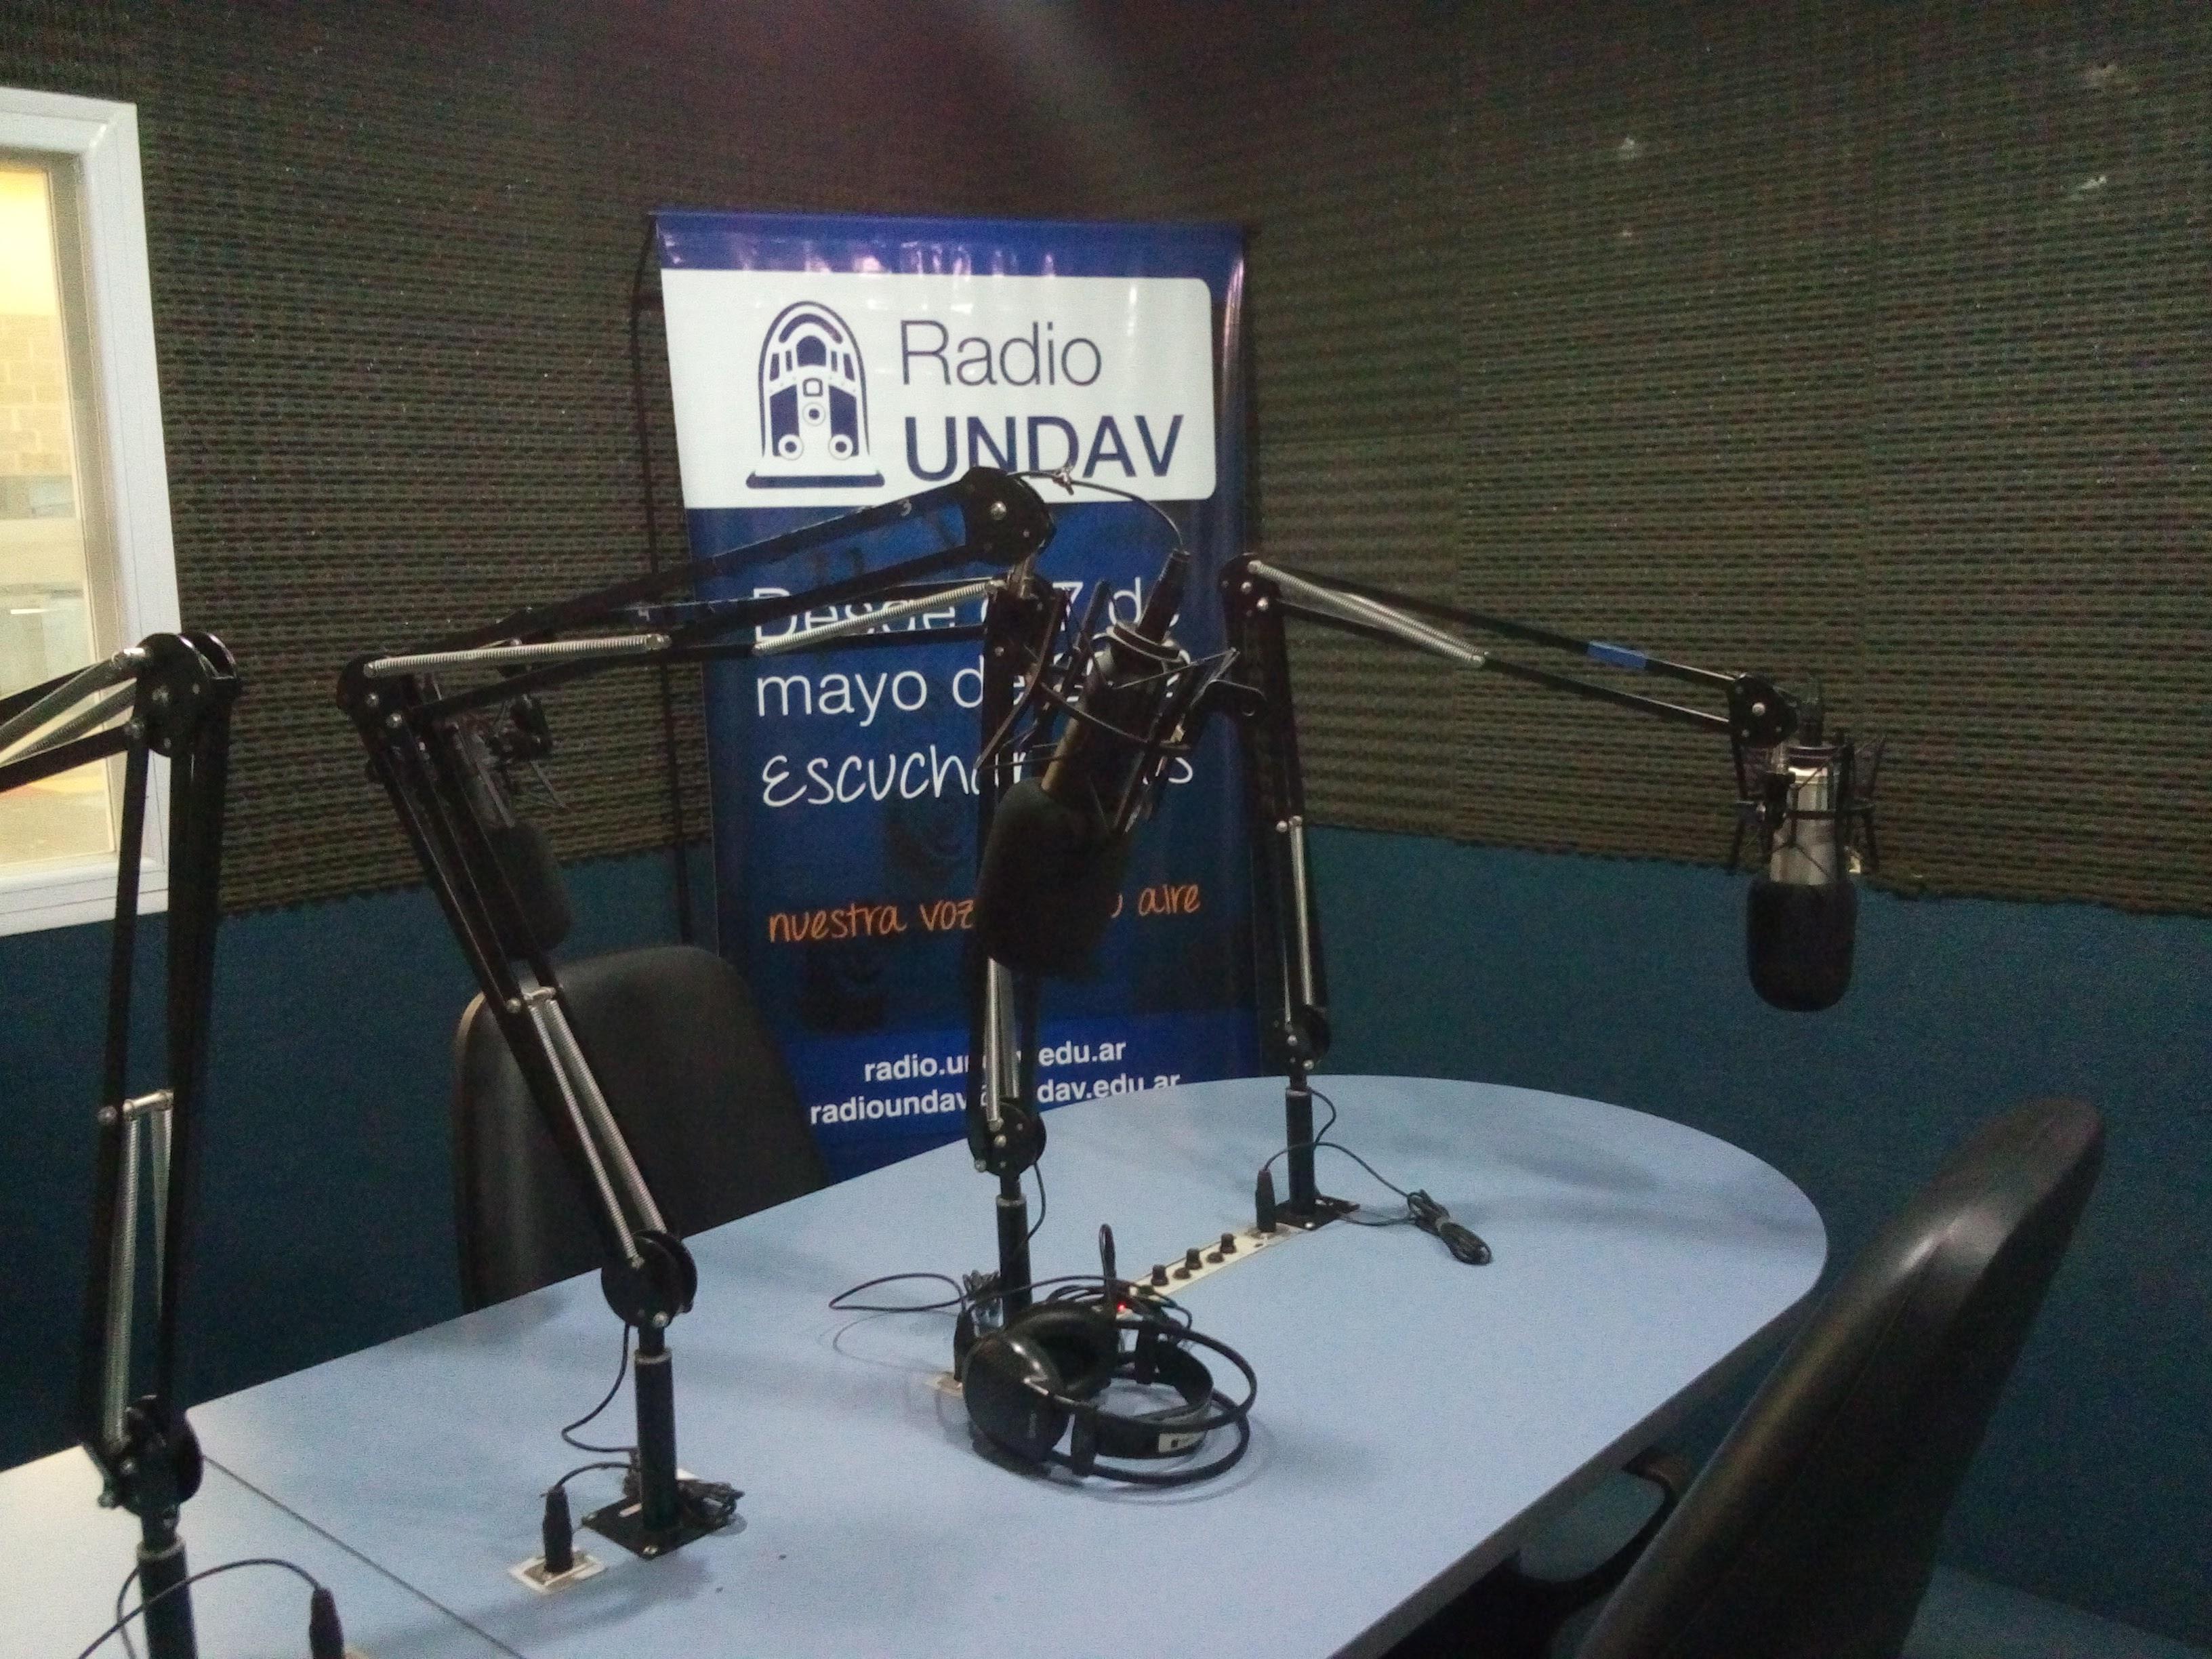 Radio Undav 3 - Radio Undav